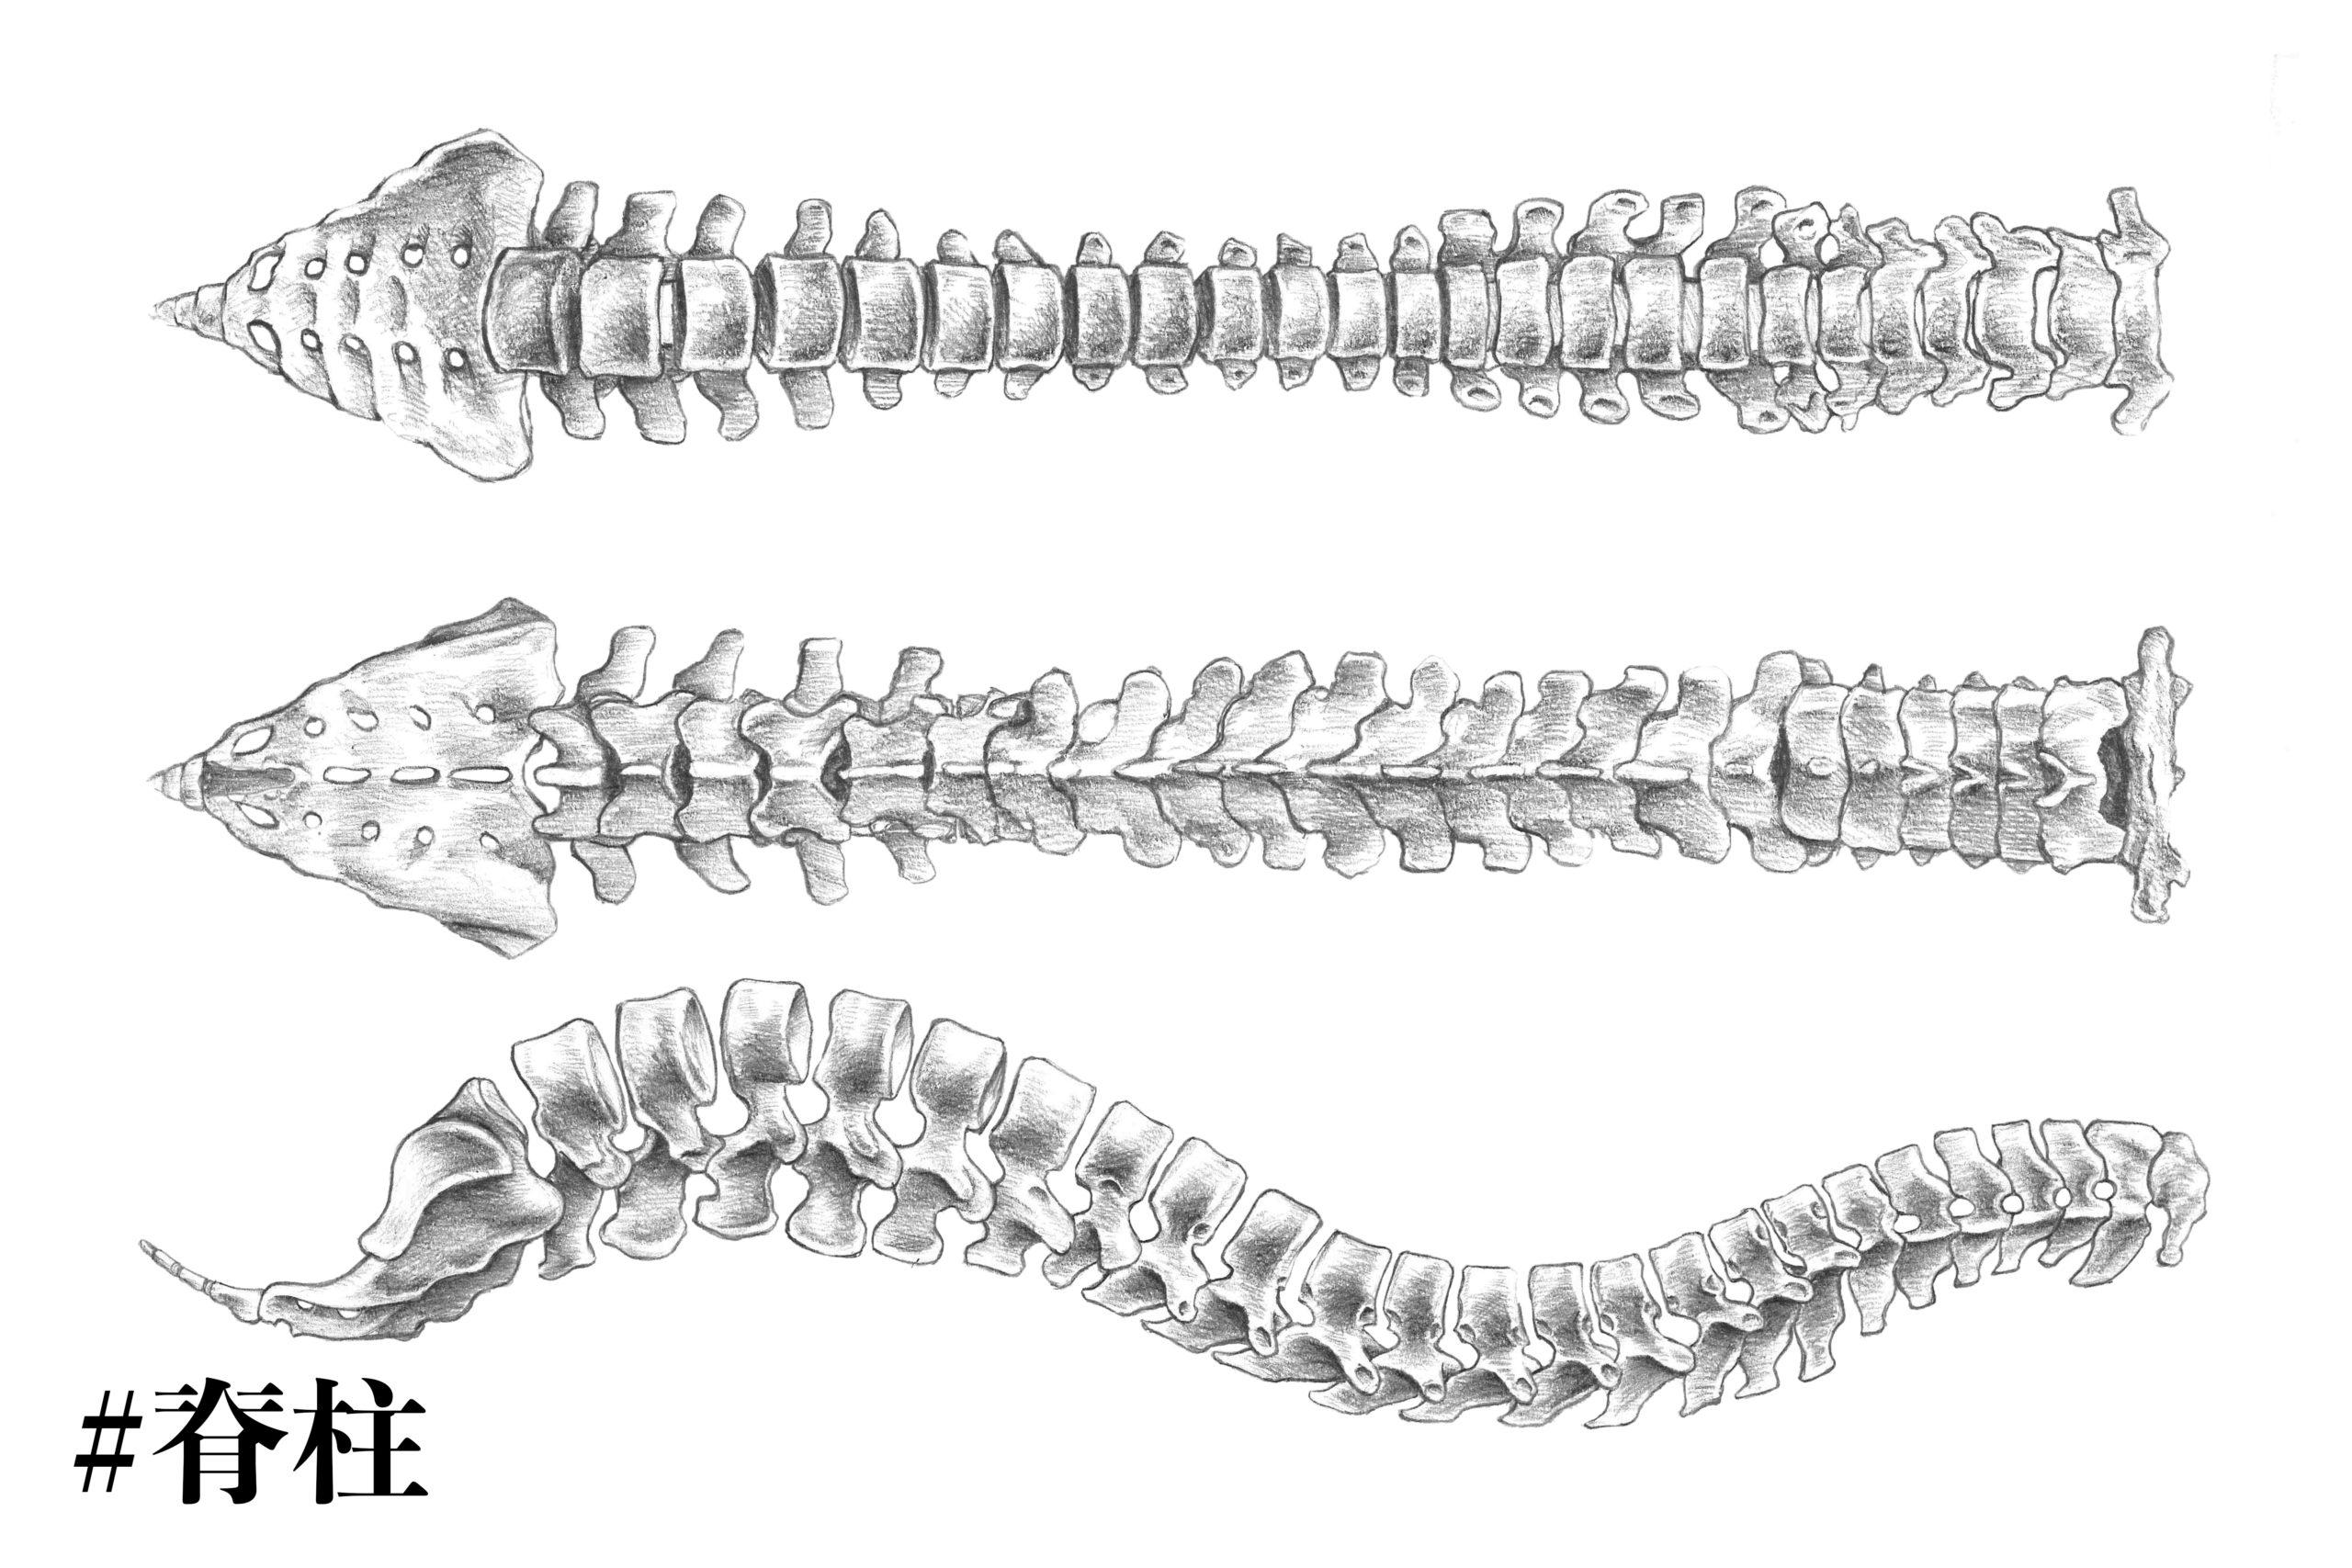 脊柱の構造についてのスケッチ